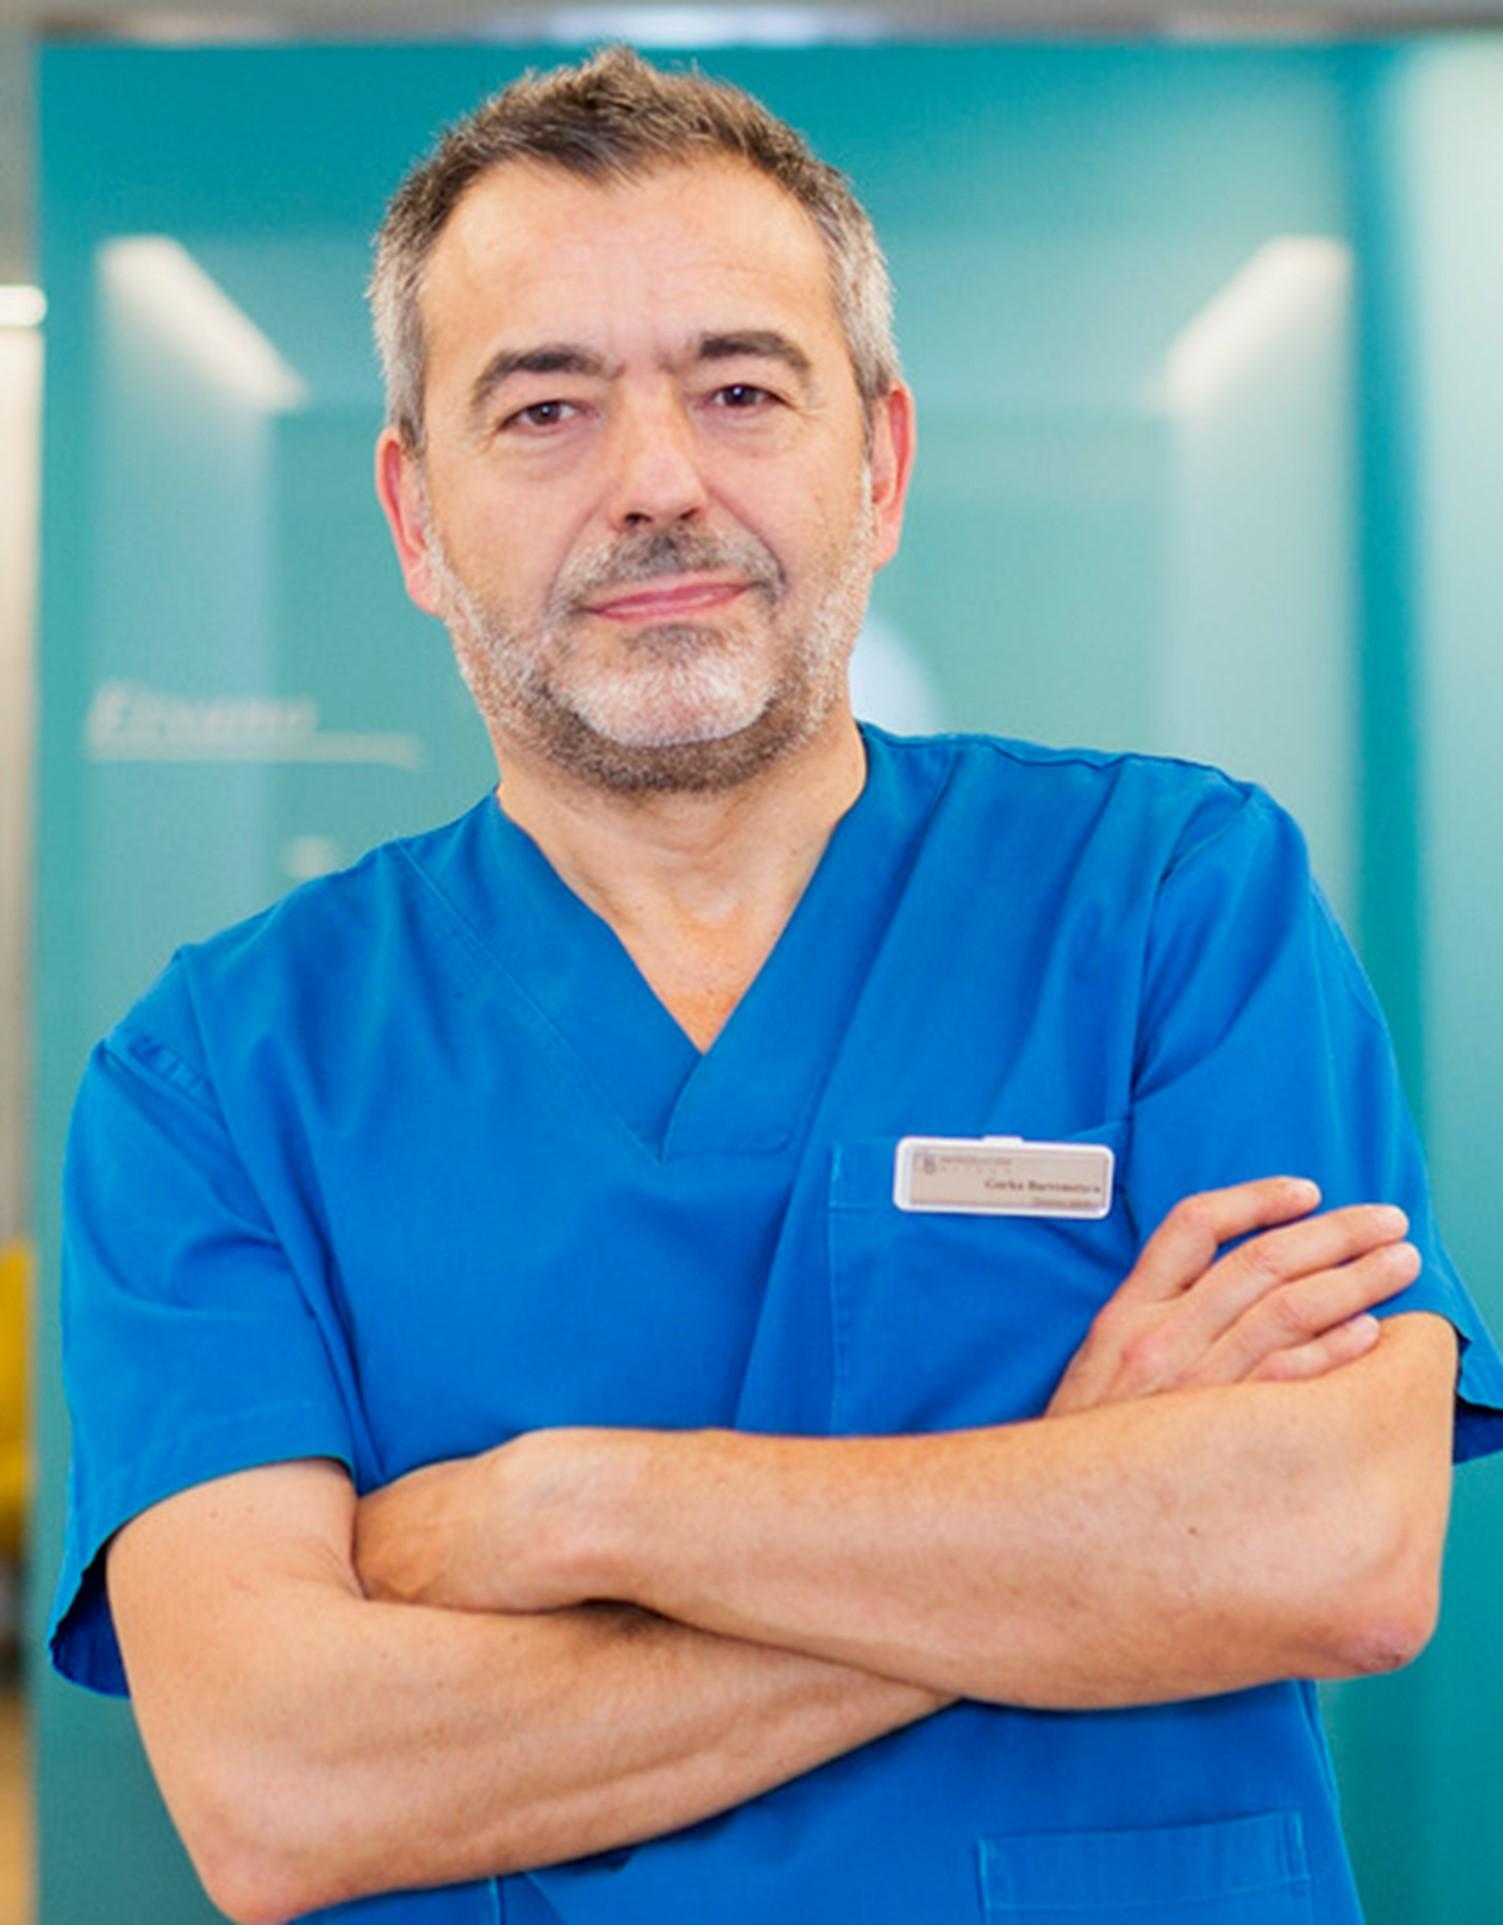 Gorka Barrenetxea Ziarrusta M.D., Ph.D.